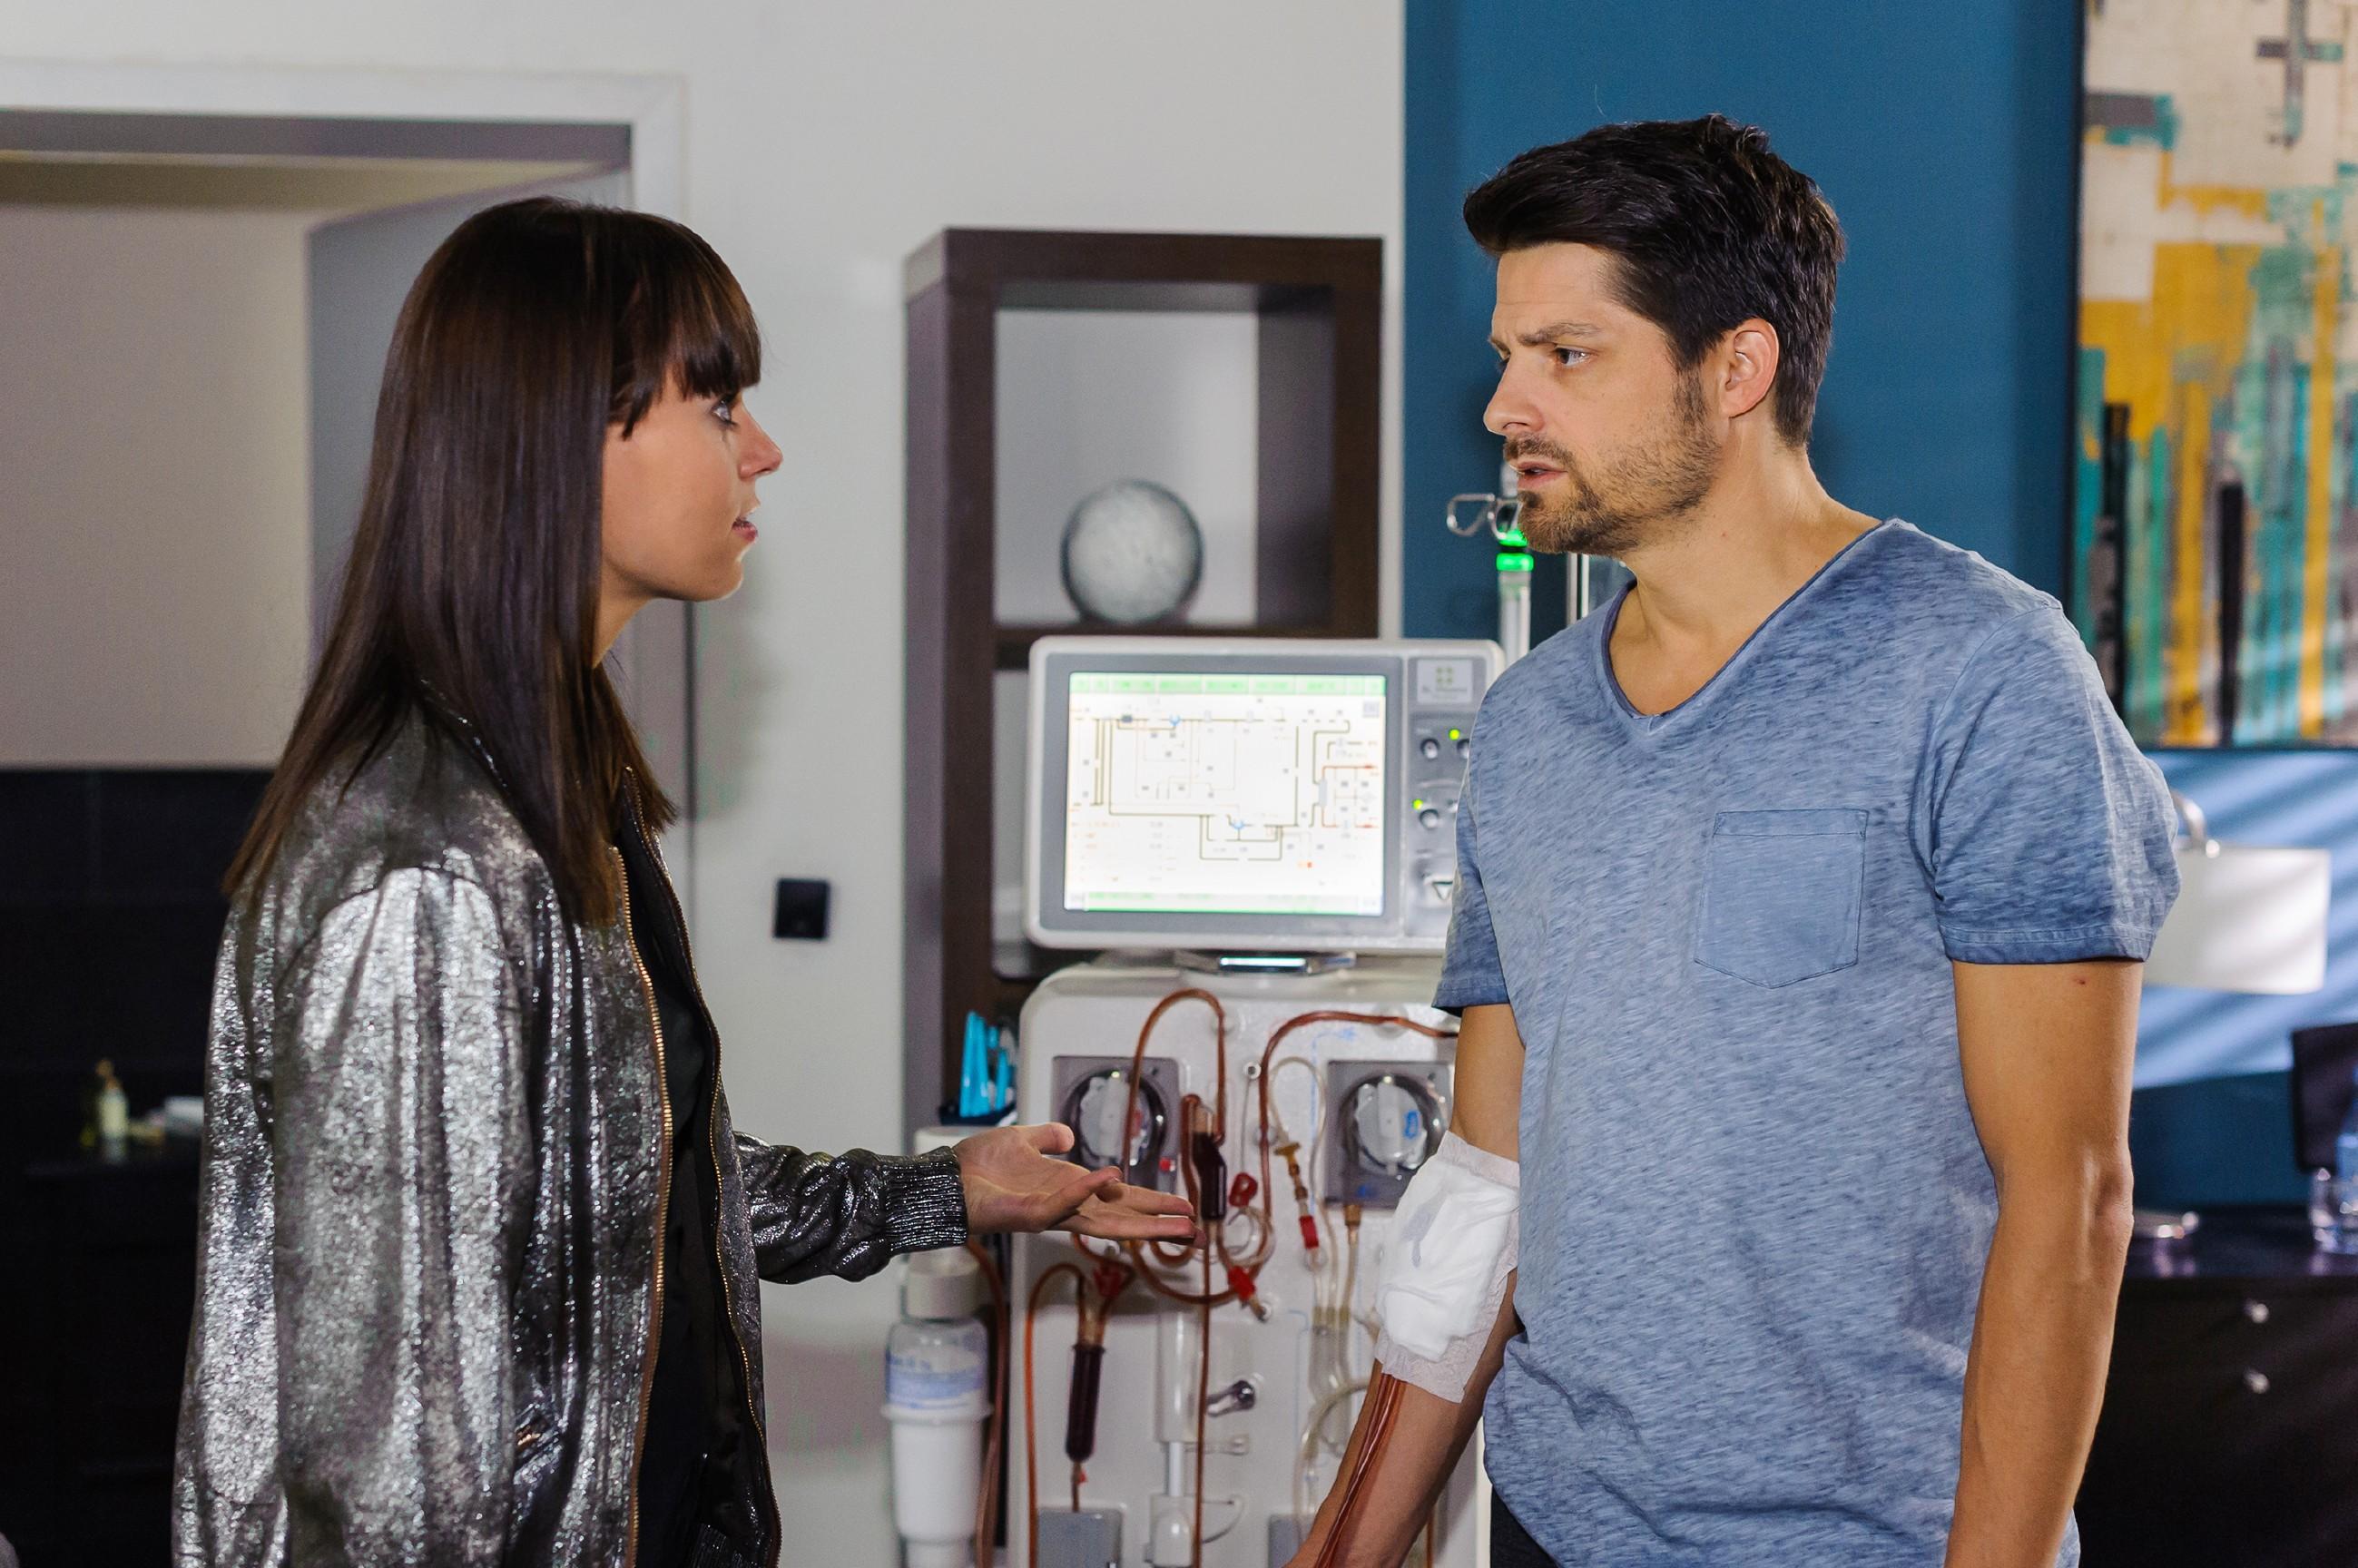 Der Anblick ihres kranken Vaters Vincent (Daniel Buder) bestärkt Michelle (Franziska Benz) in ihrem Entschluss, sich für ihn als Nierenspenderin testen zu lassen. (Quelle: RTL / Julia Feldhagen)